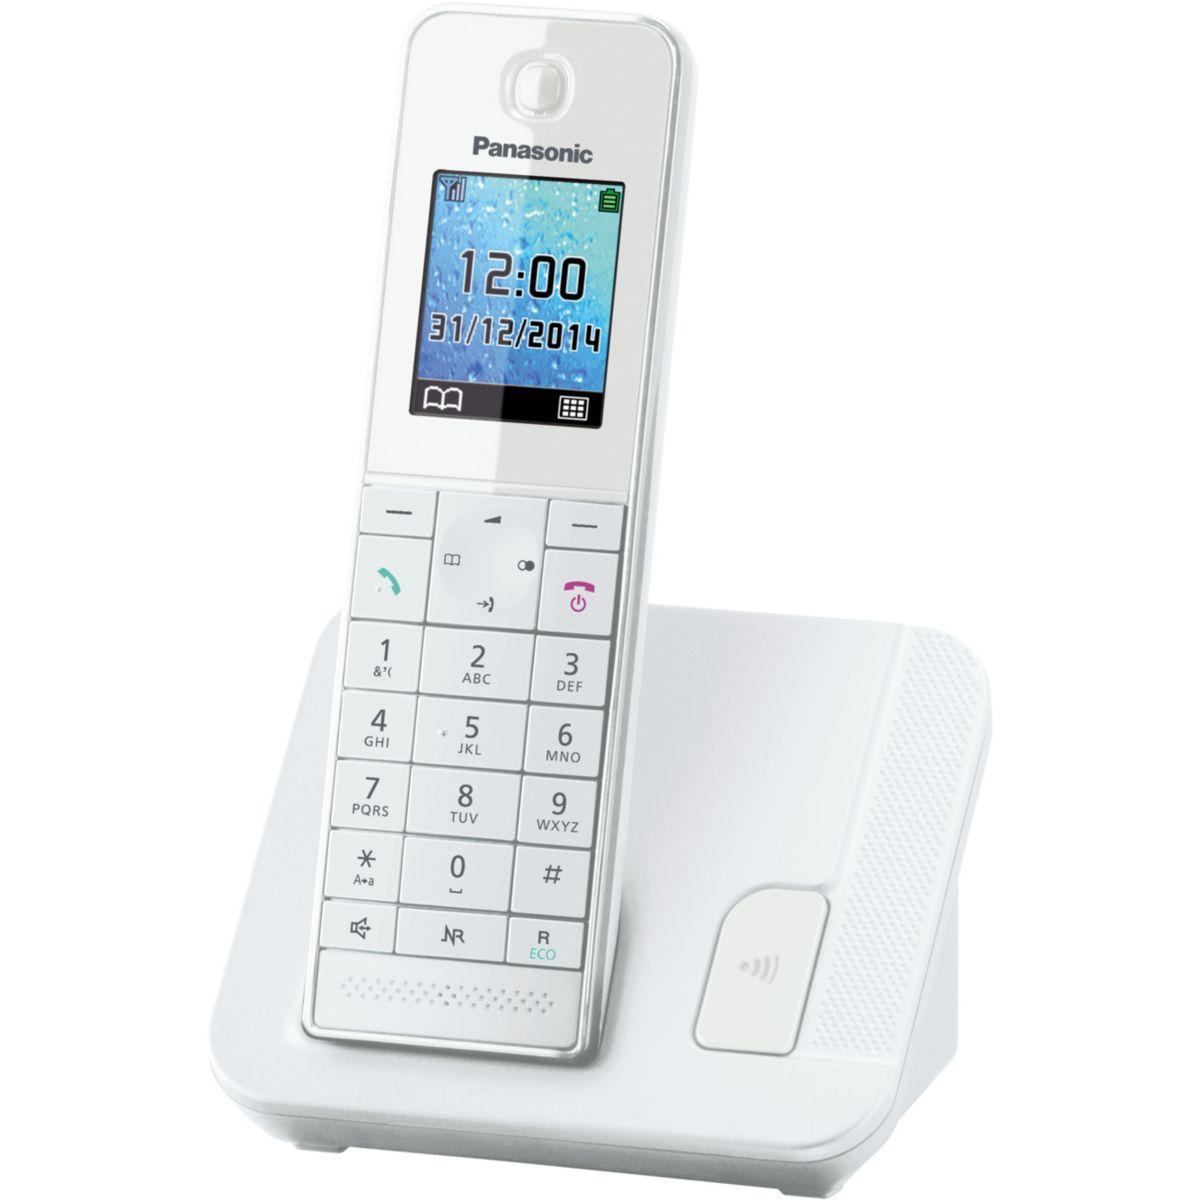 Téléphone panasonic kx-tgh210 - 3% de remise immédiate avec le code : multi3 (photo)